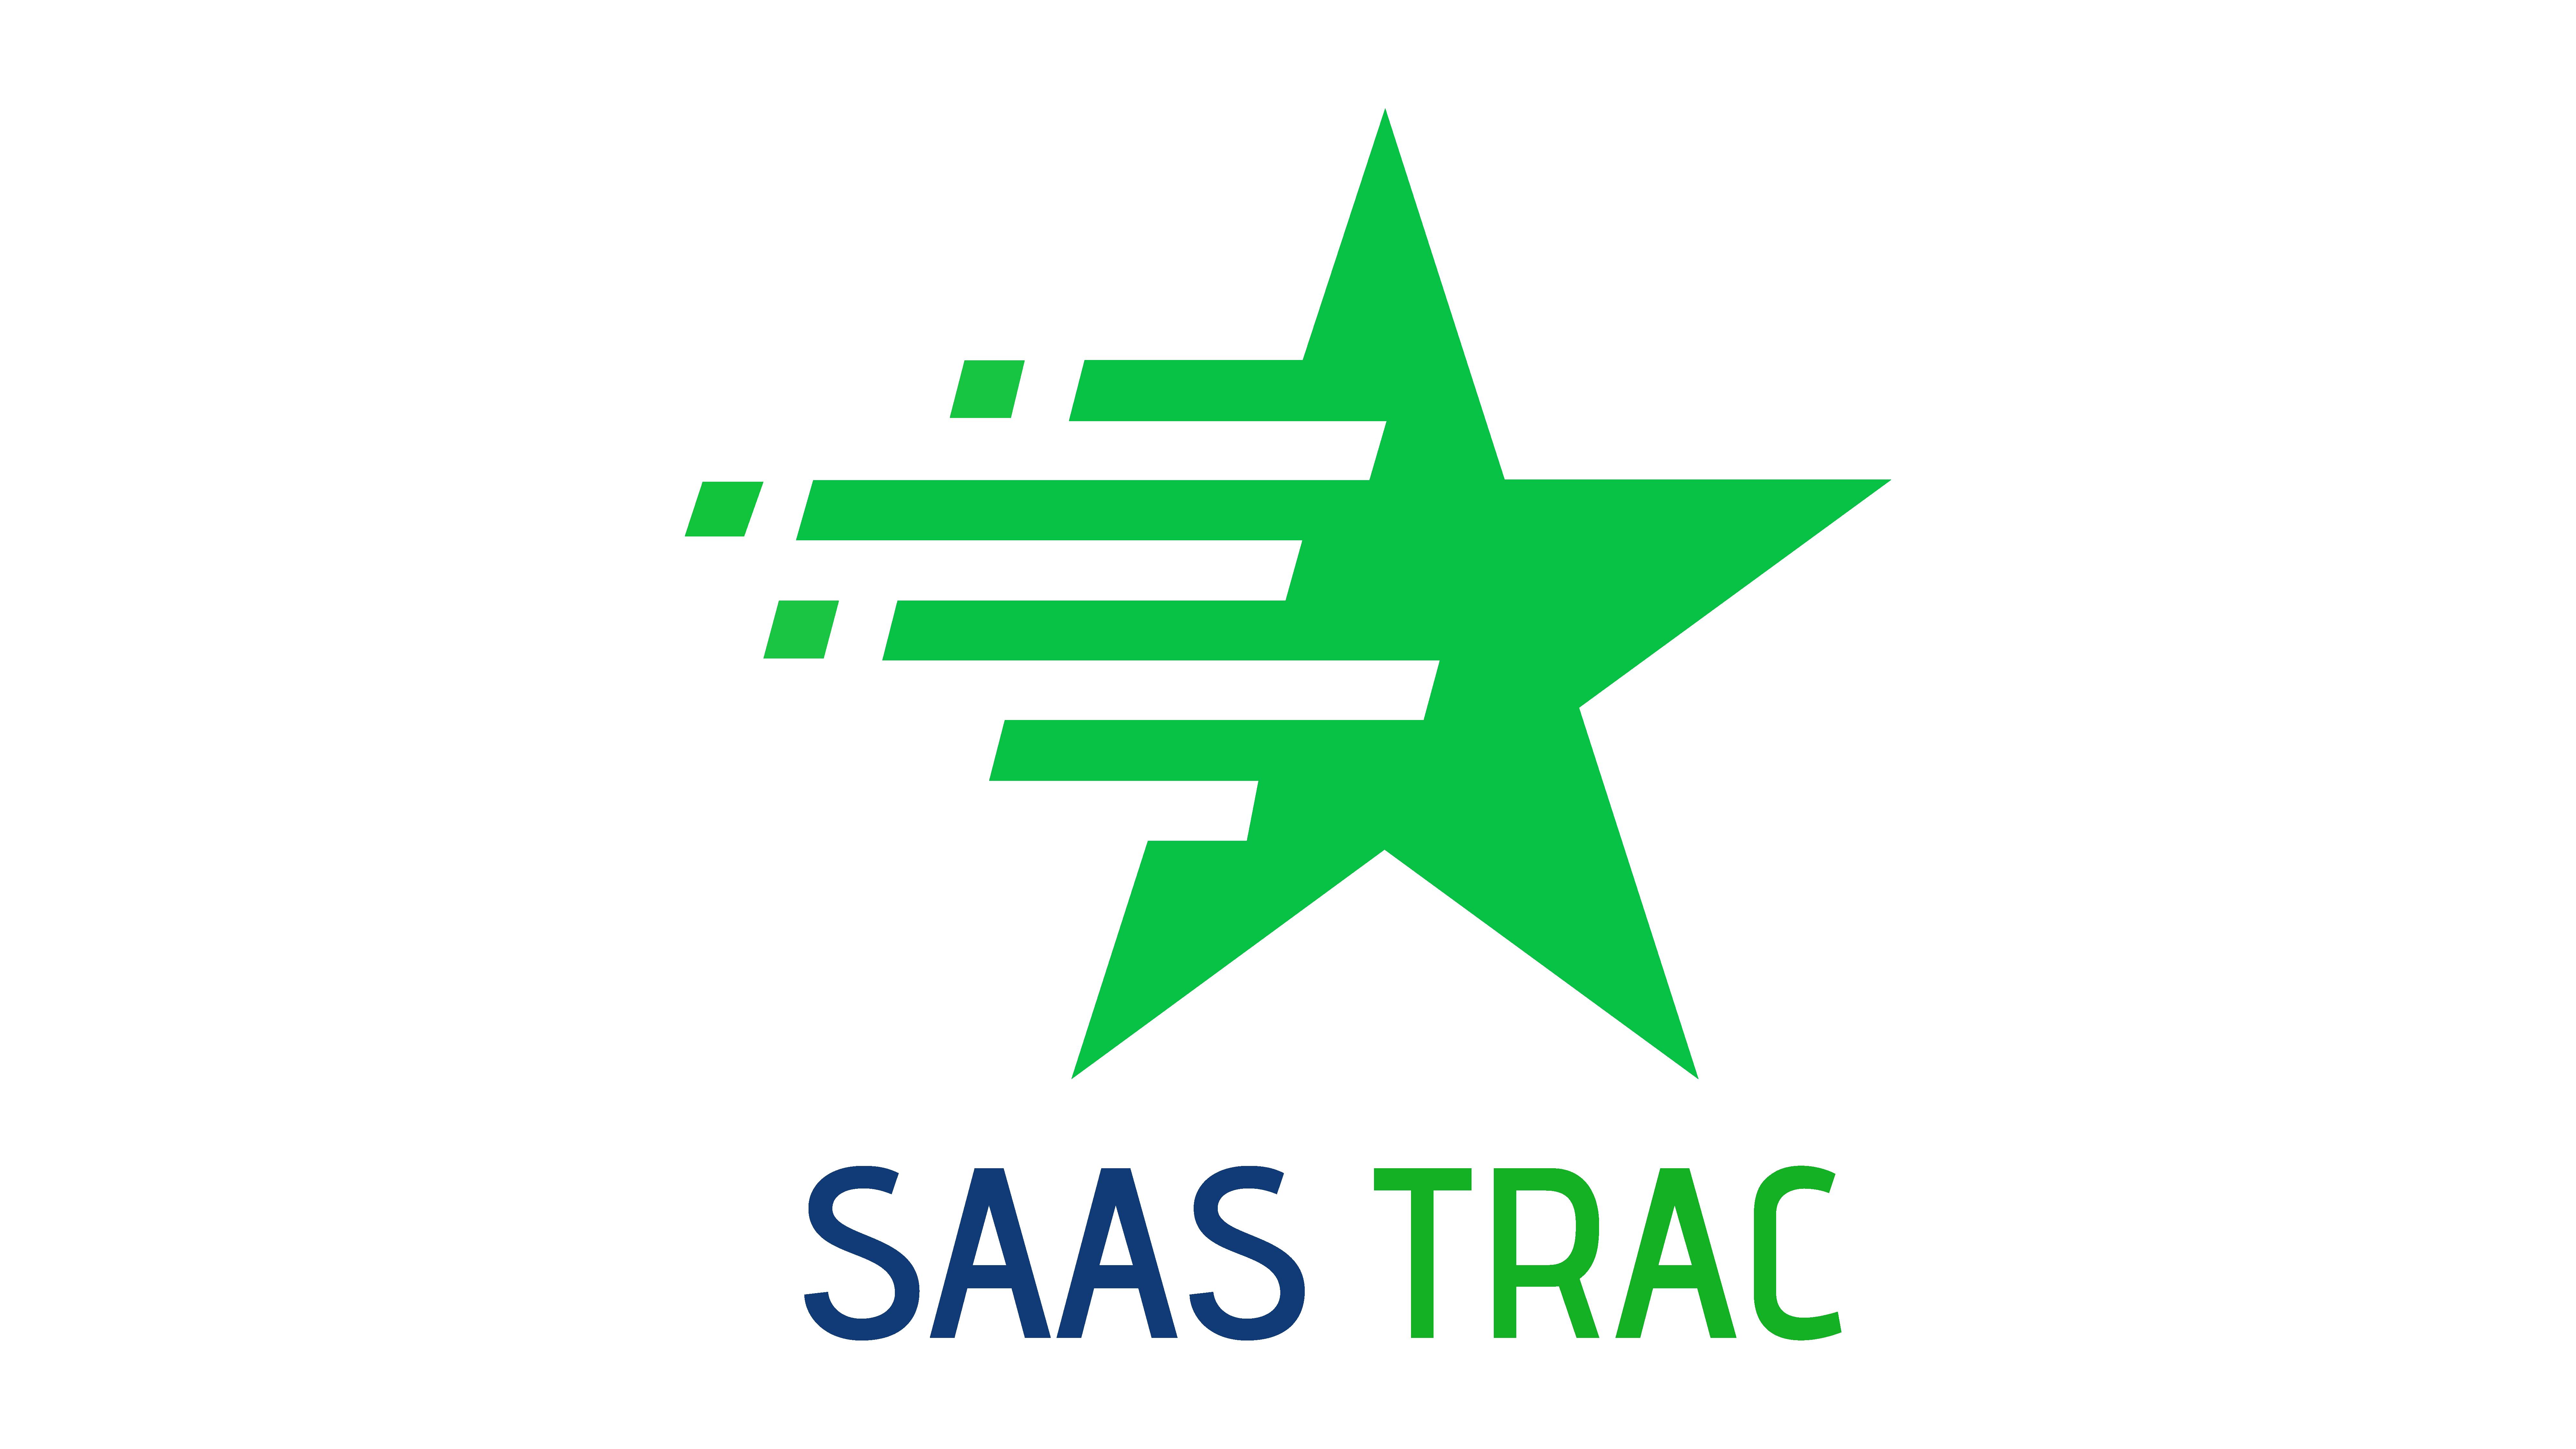 SaasTrac Team